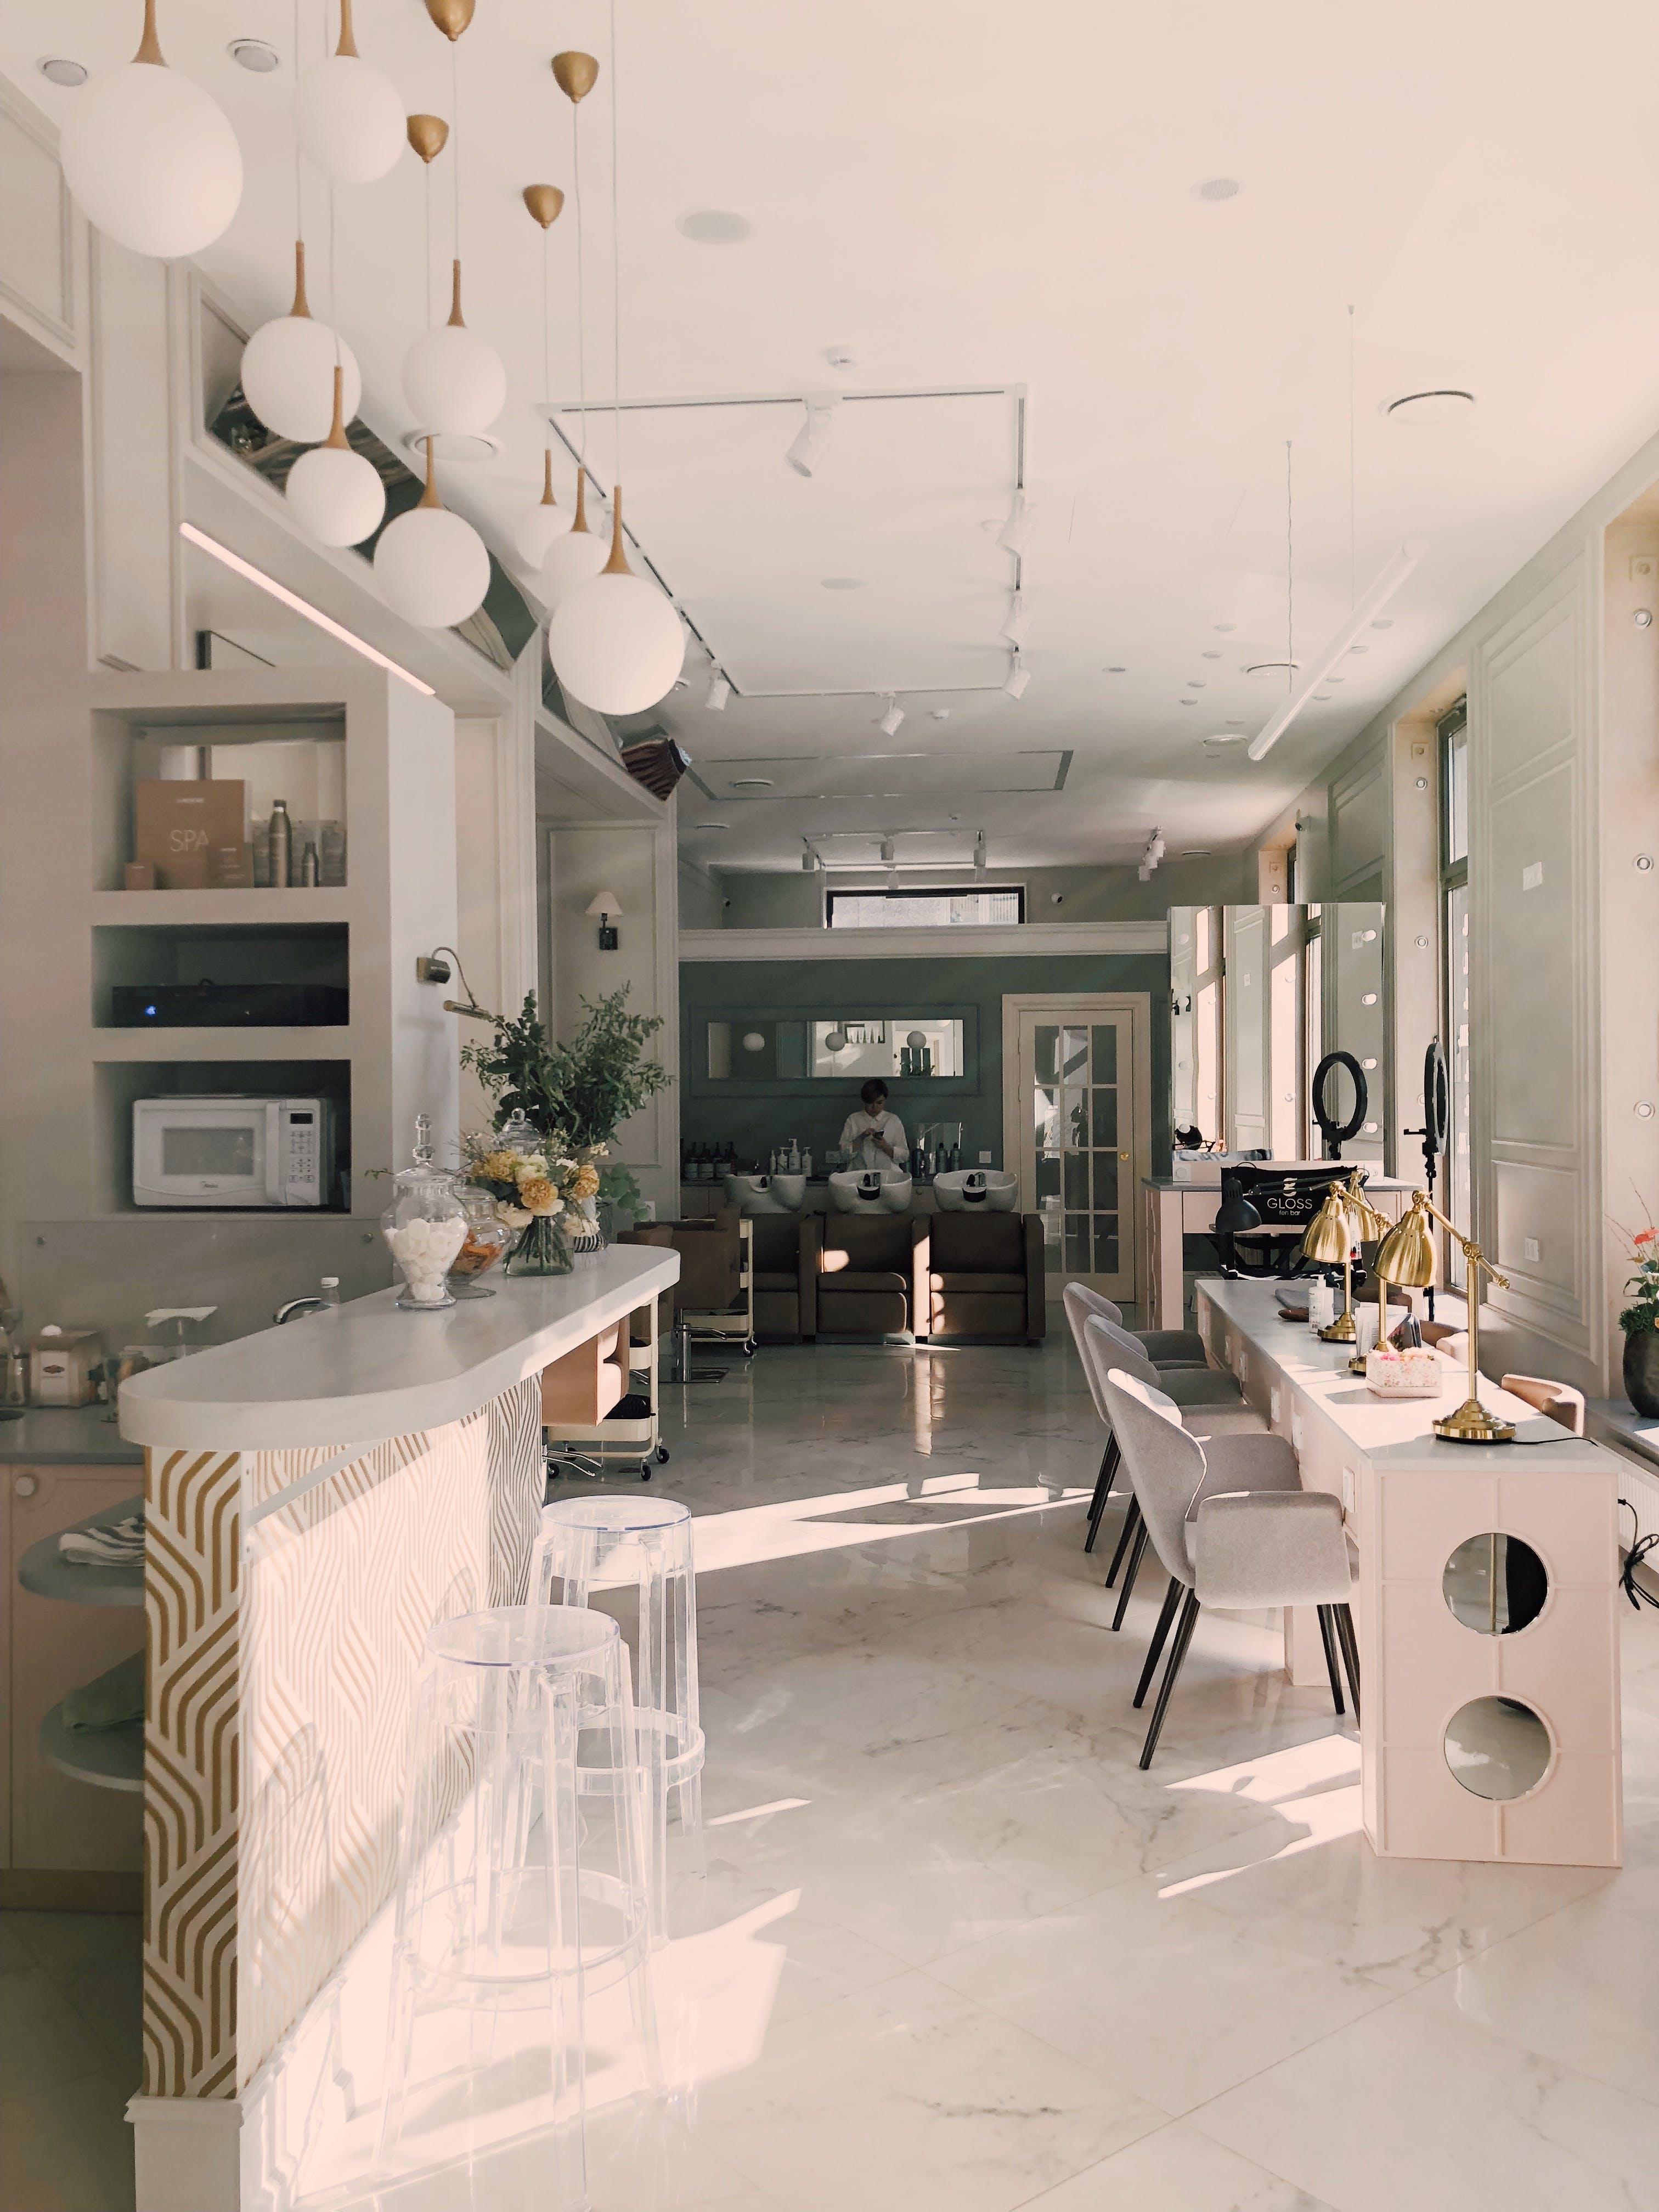 Gratis stockfoto met appartement, binnen, binnenshuis, interieurontwerp